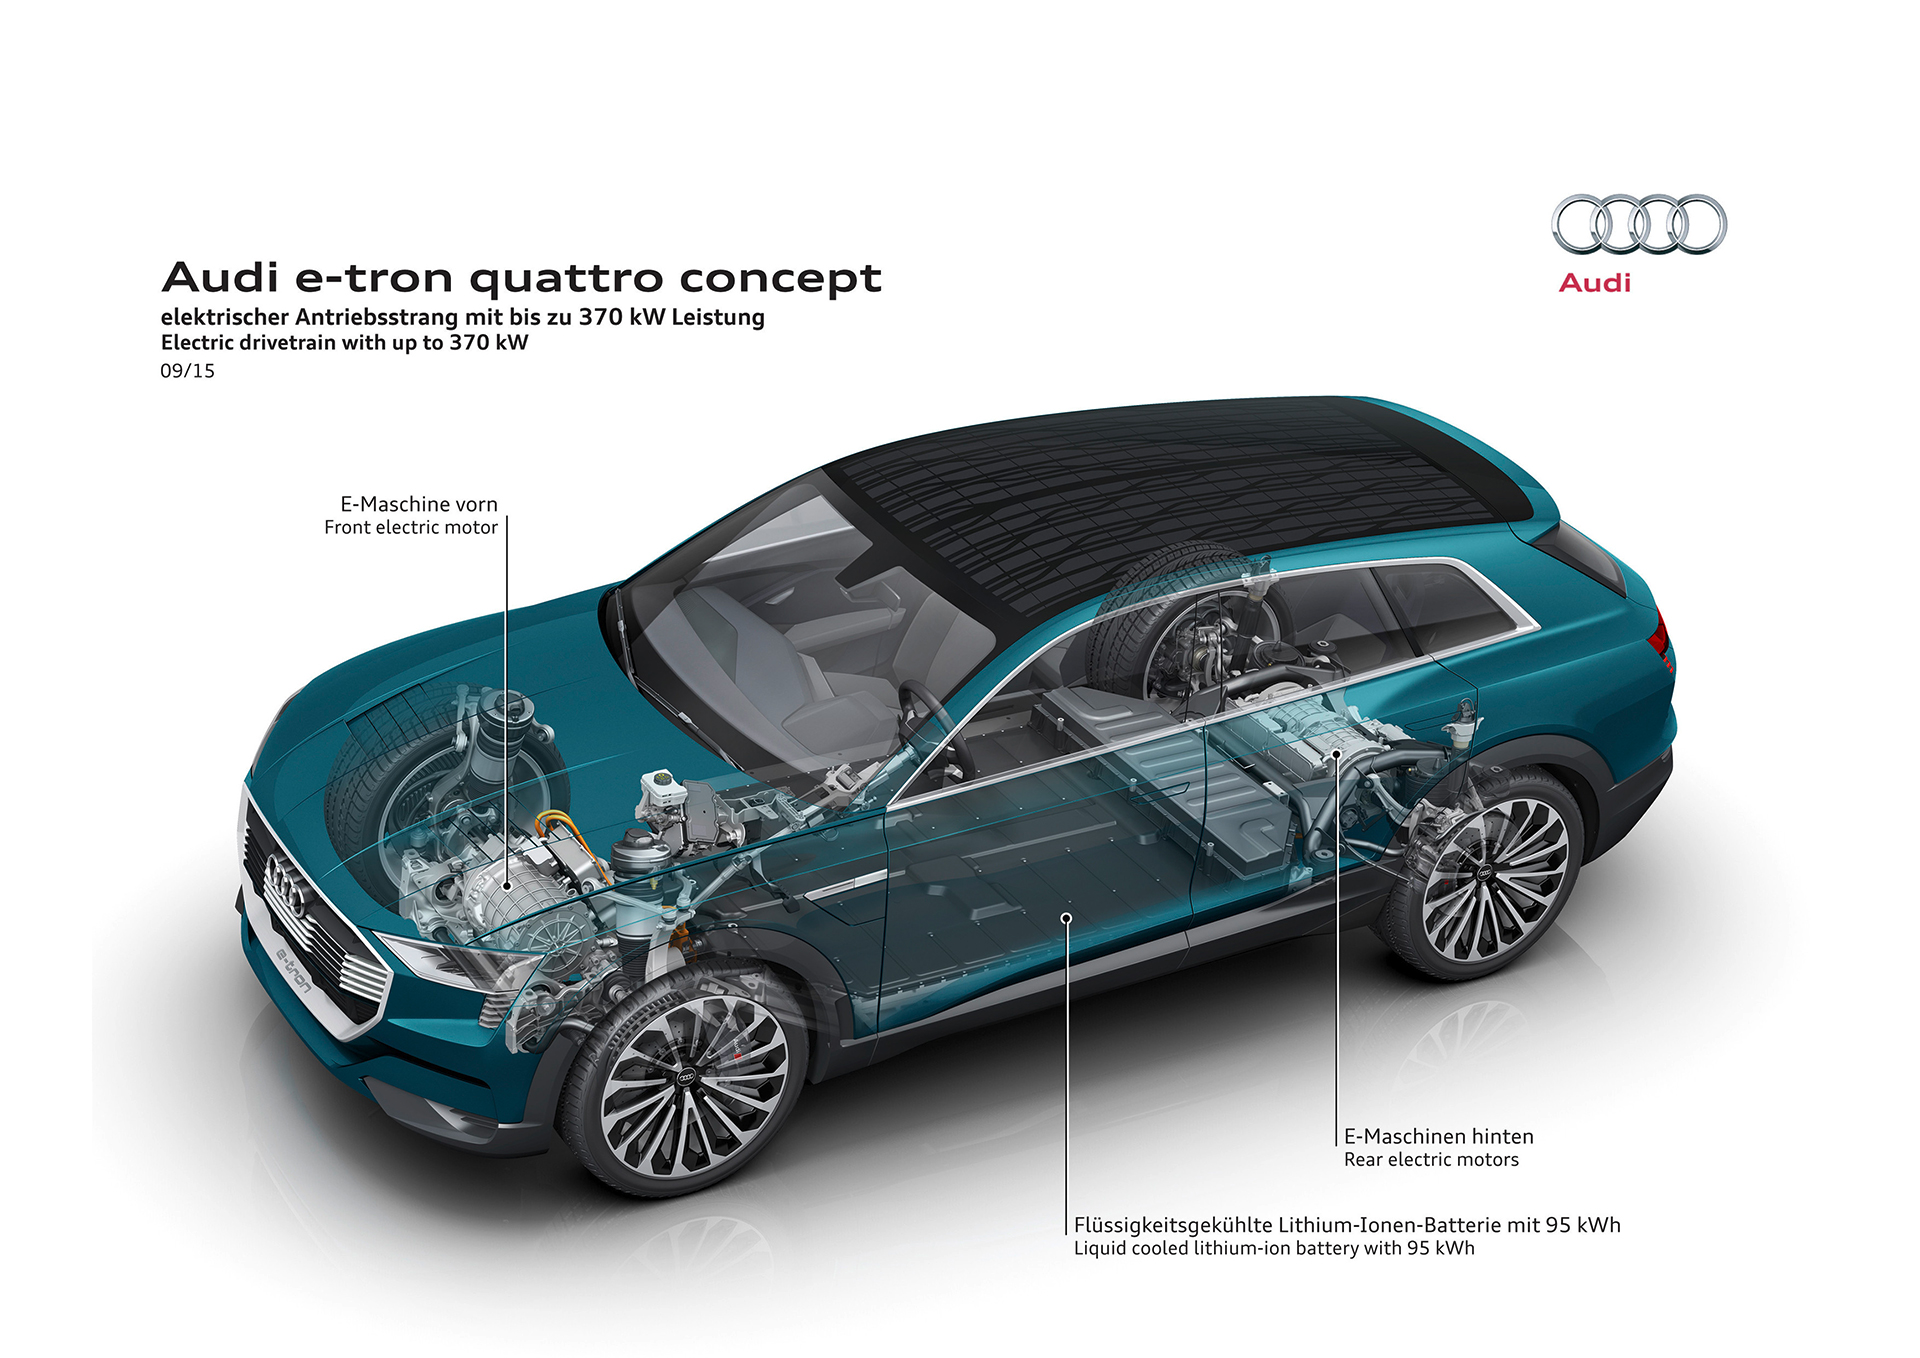 Audi e-tron quattro concept - 2016 - drivetrain